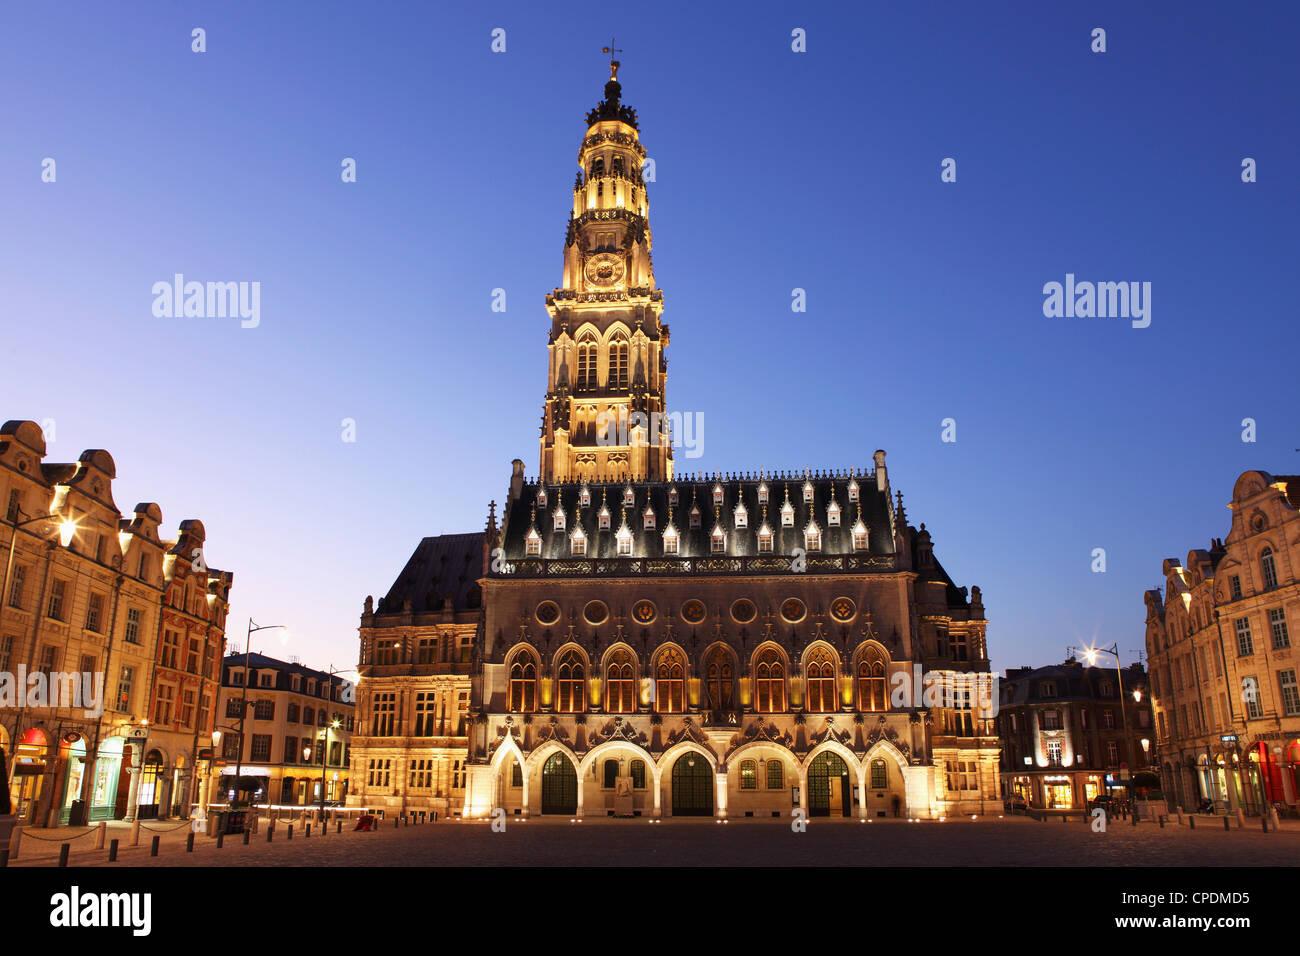 Gothic Town Hall (Hotel de Ville) and Belfry tower, Petite Place (Place des Heros), Arras, Nord-Pas de Calais, France, - Stock Image